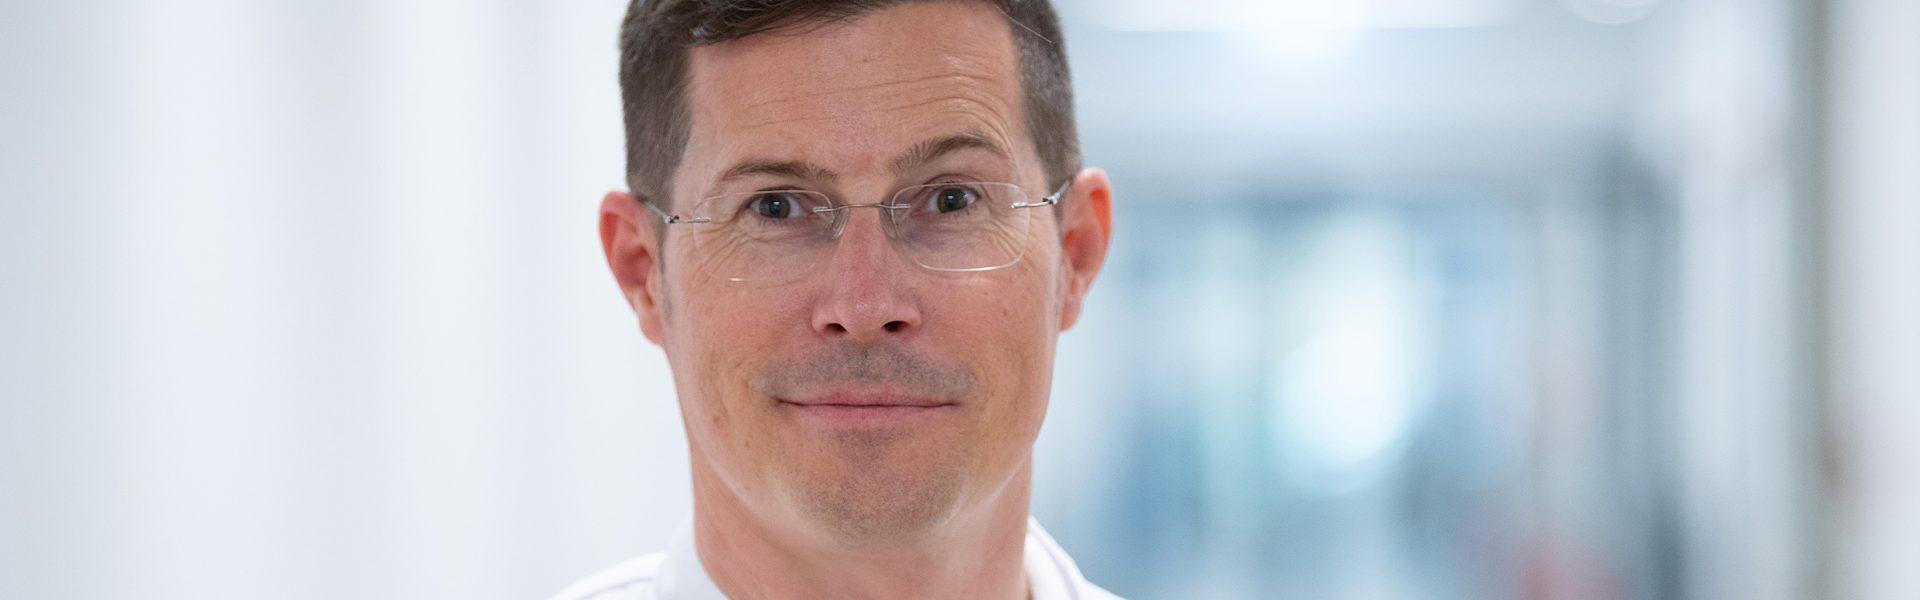 Header Bild PD Dr. Jörg Herold ist neuer Direktor der Klinik für Angiologie